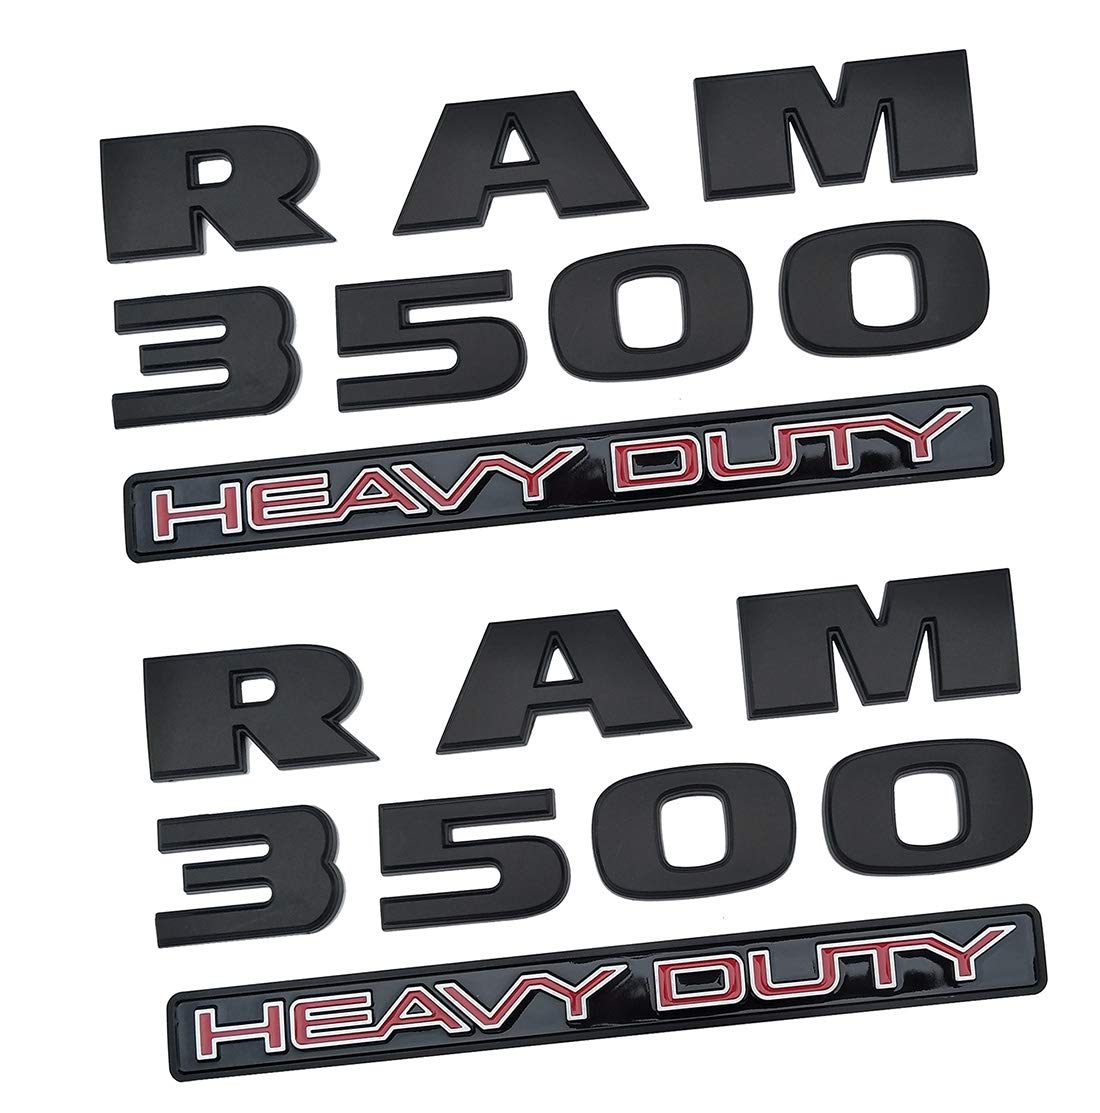 Yuauto Dodge Ram 3500 Emblems,3D Badge Decals Nameplates Letter Automotive Replacement Emblem for Dodge